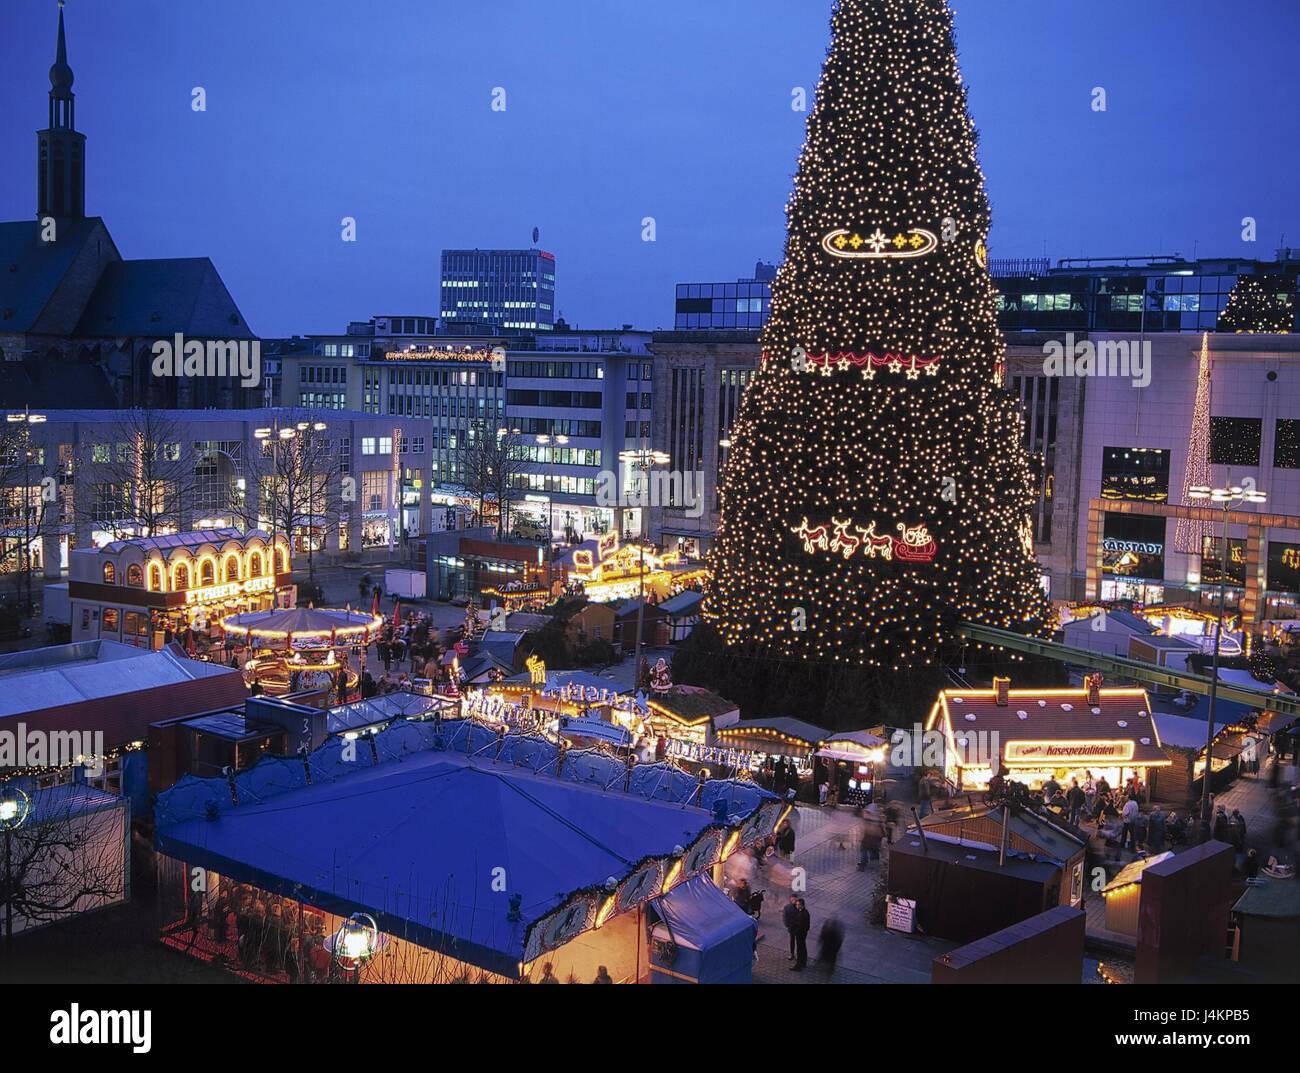 Weihnachtsmarkt übersicht.Deutschland Nordrhein Westfalen Dortmund Weihnachtsmarkt